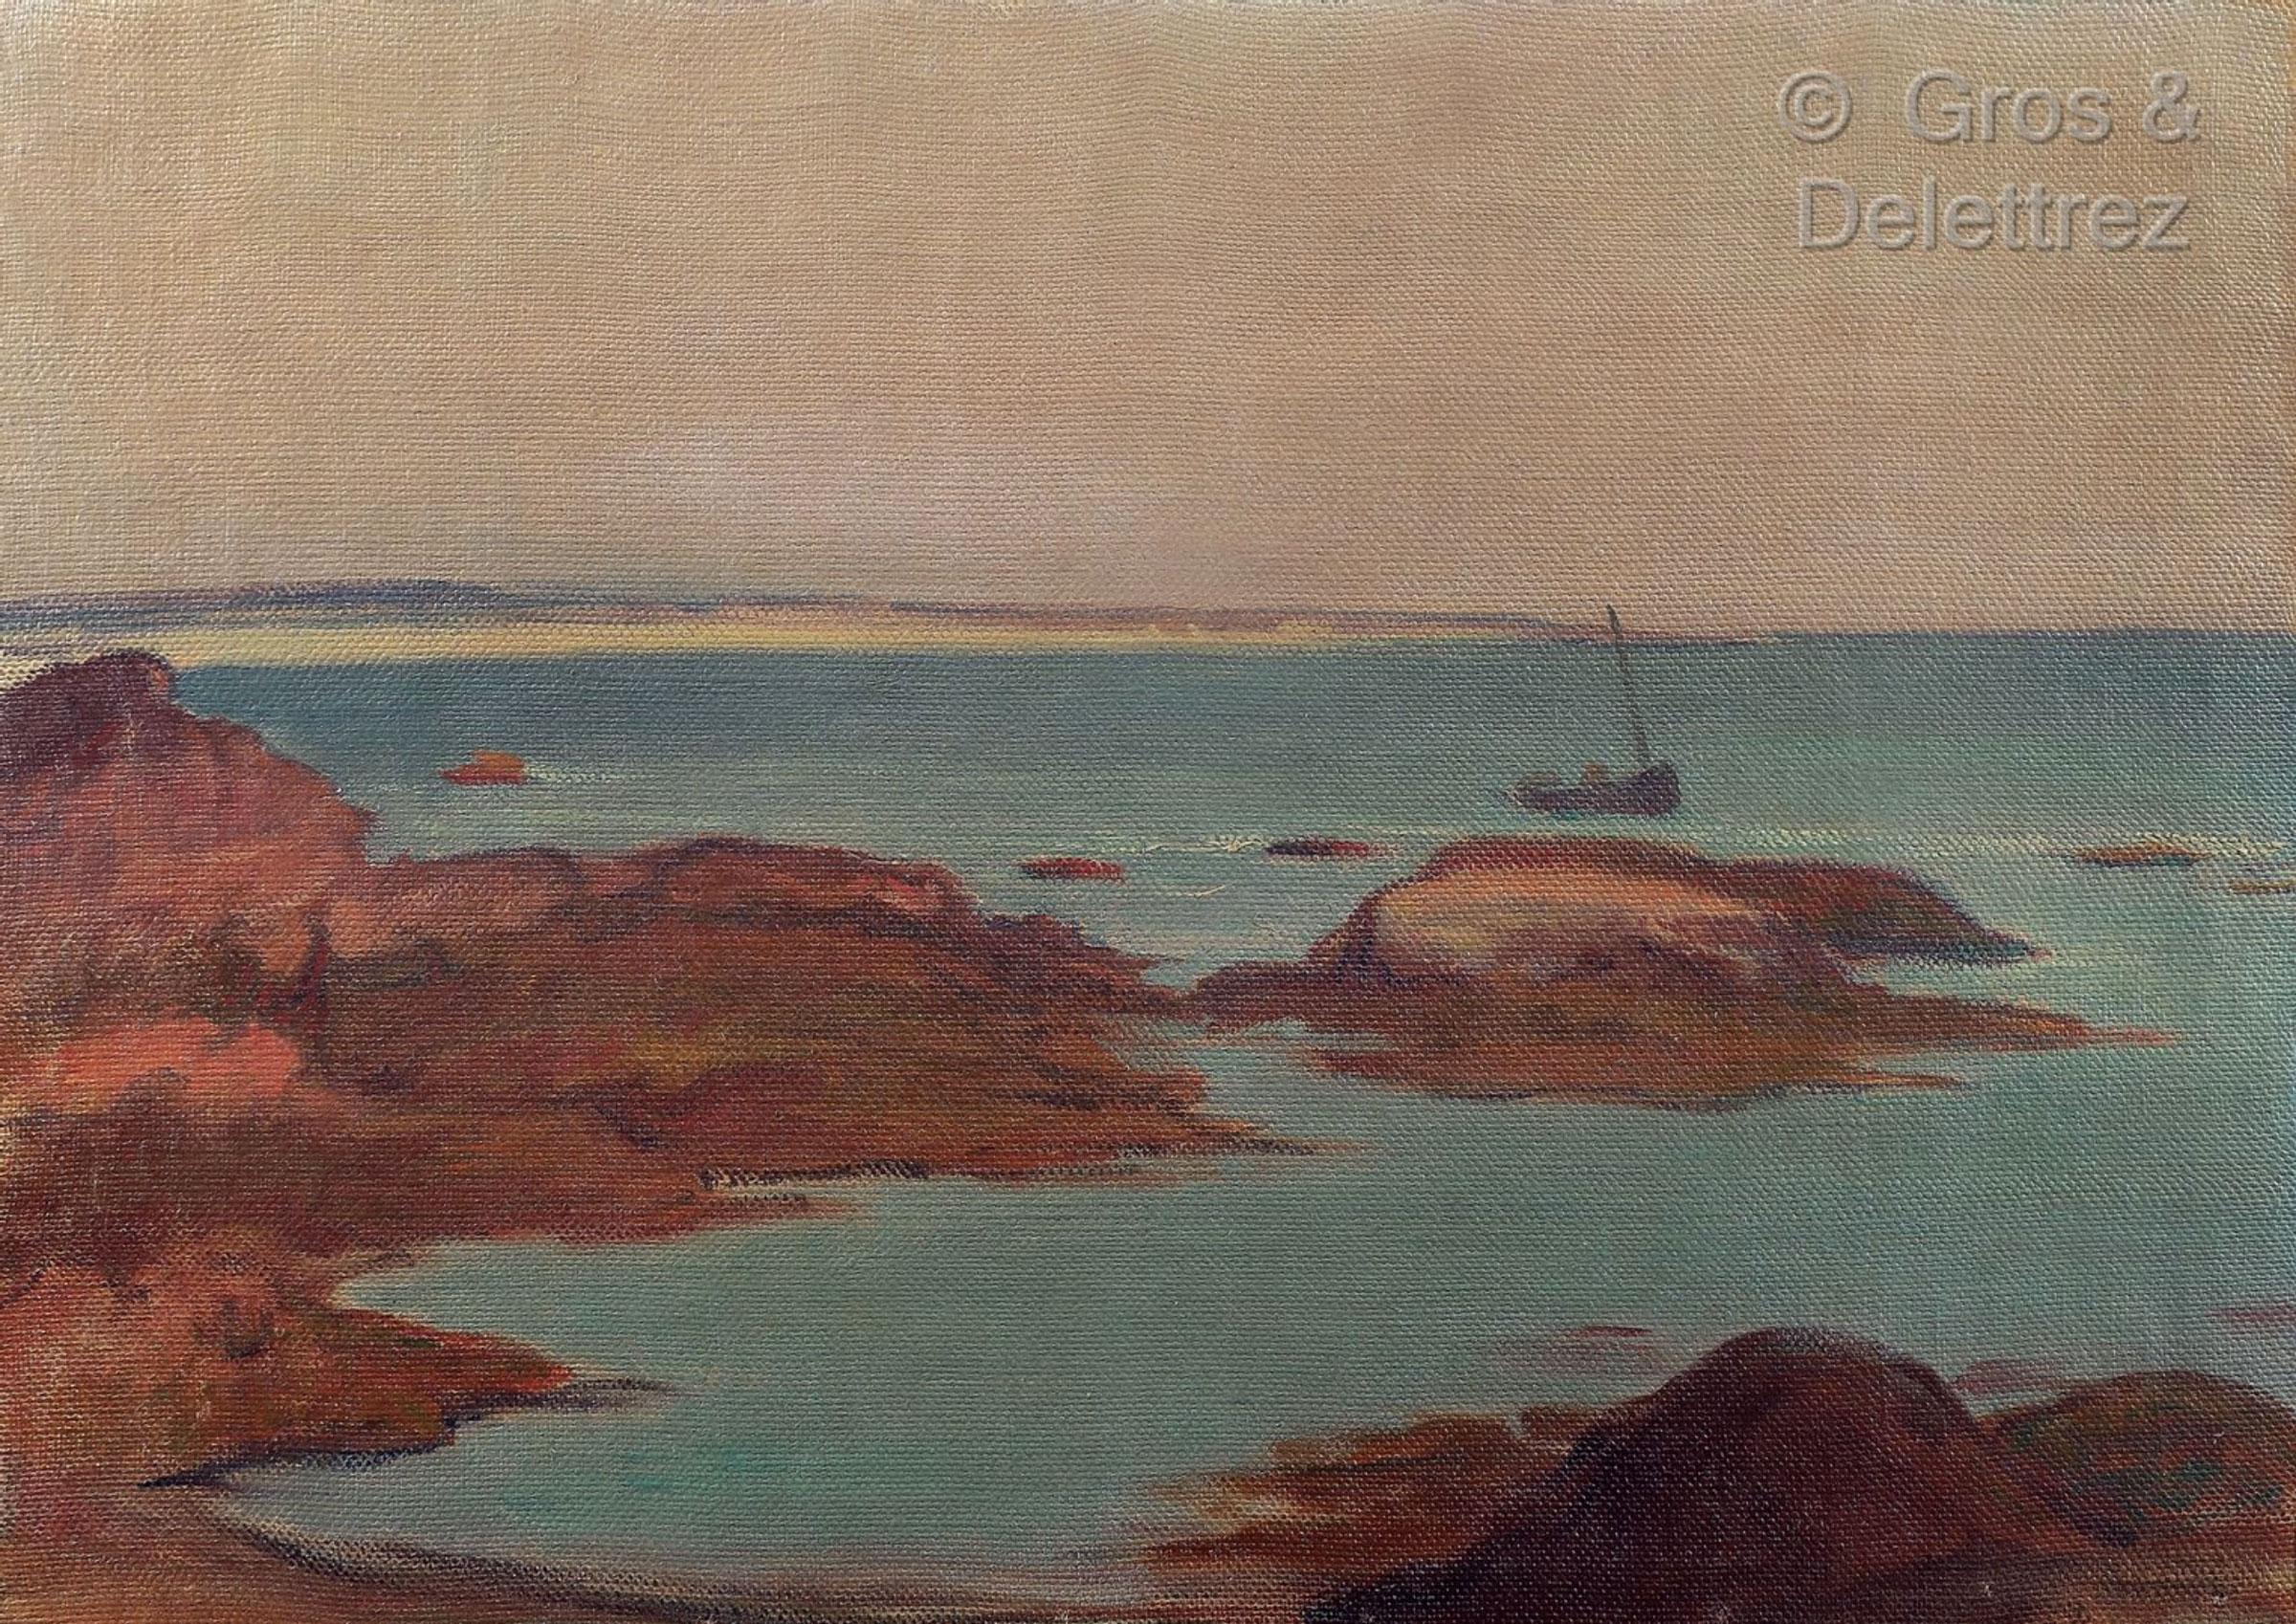 """Władysław Ślewiński (1856-1918) """"Pejzaż morski z widokiem Wyspy Czarownic"""", źródło: Gross & Delletrez"""